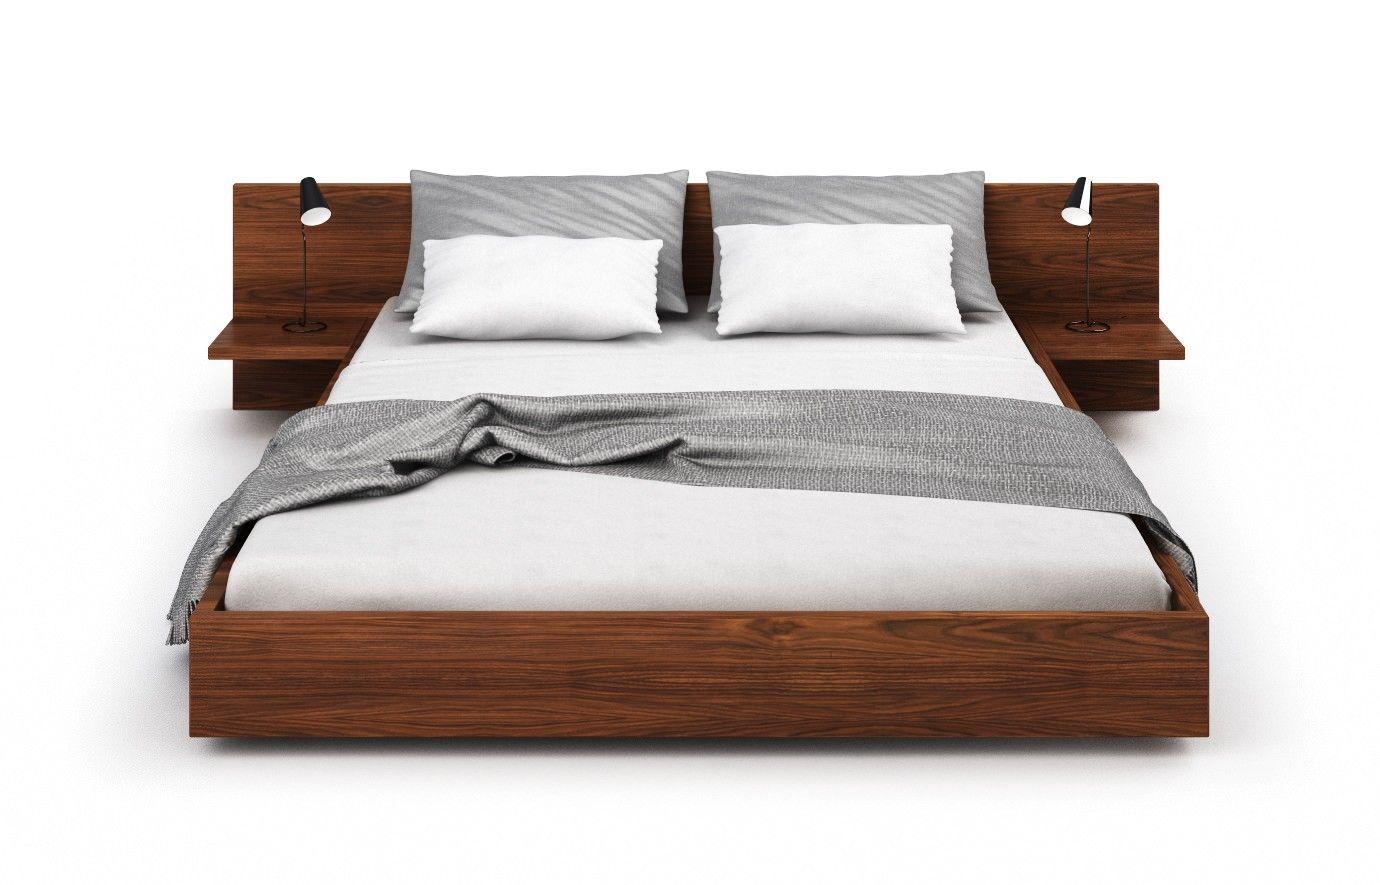 Havanna in Nussbaum Bett Bett, Bett ideen, Möbel nach maß